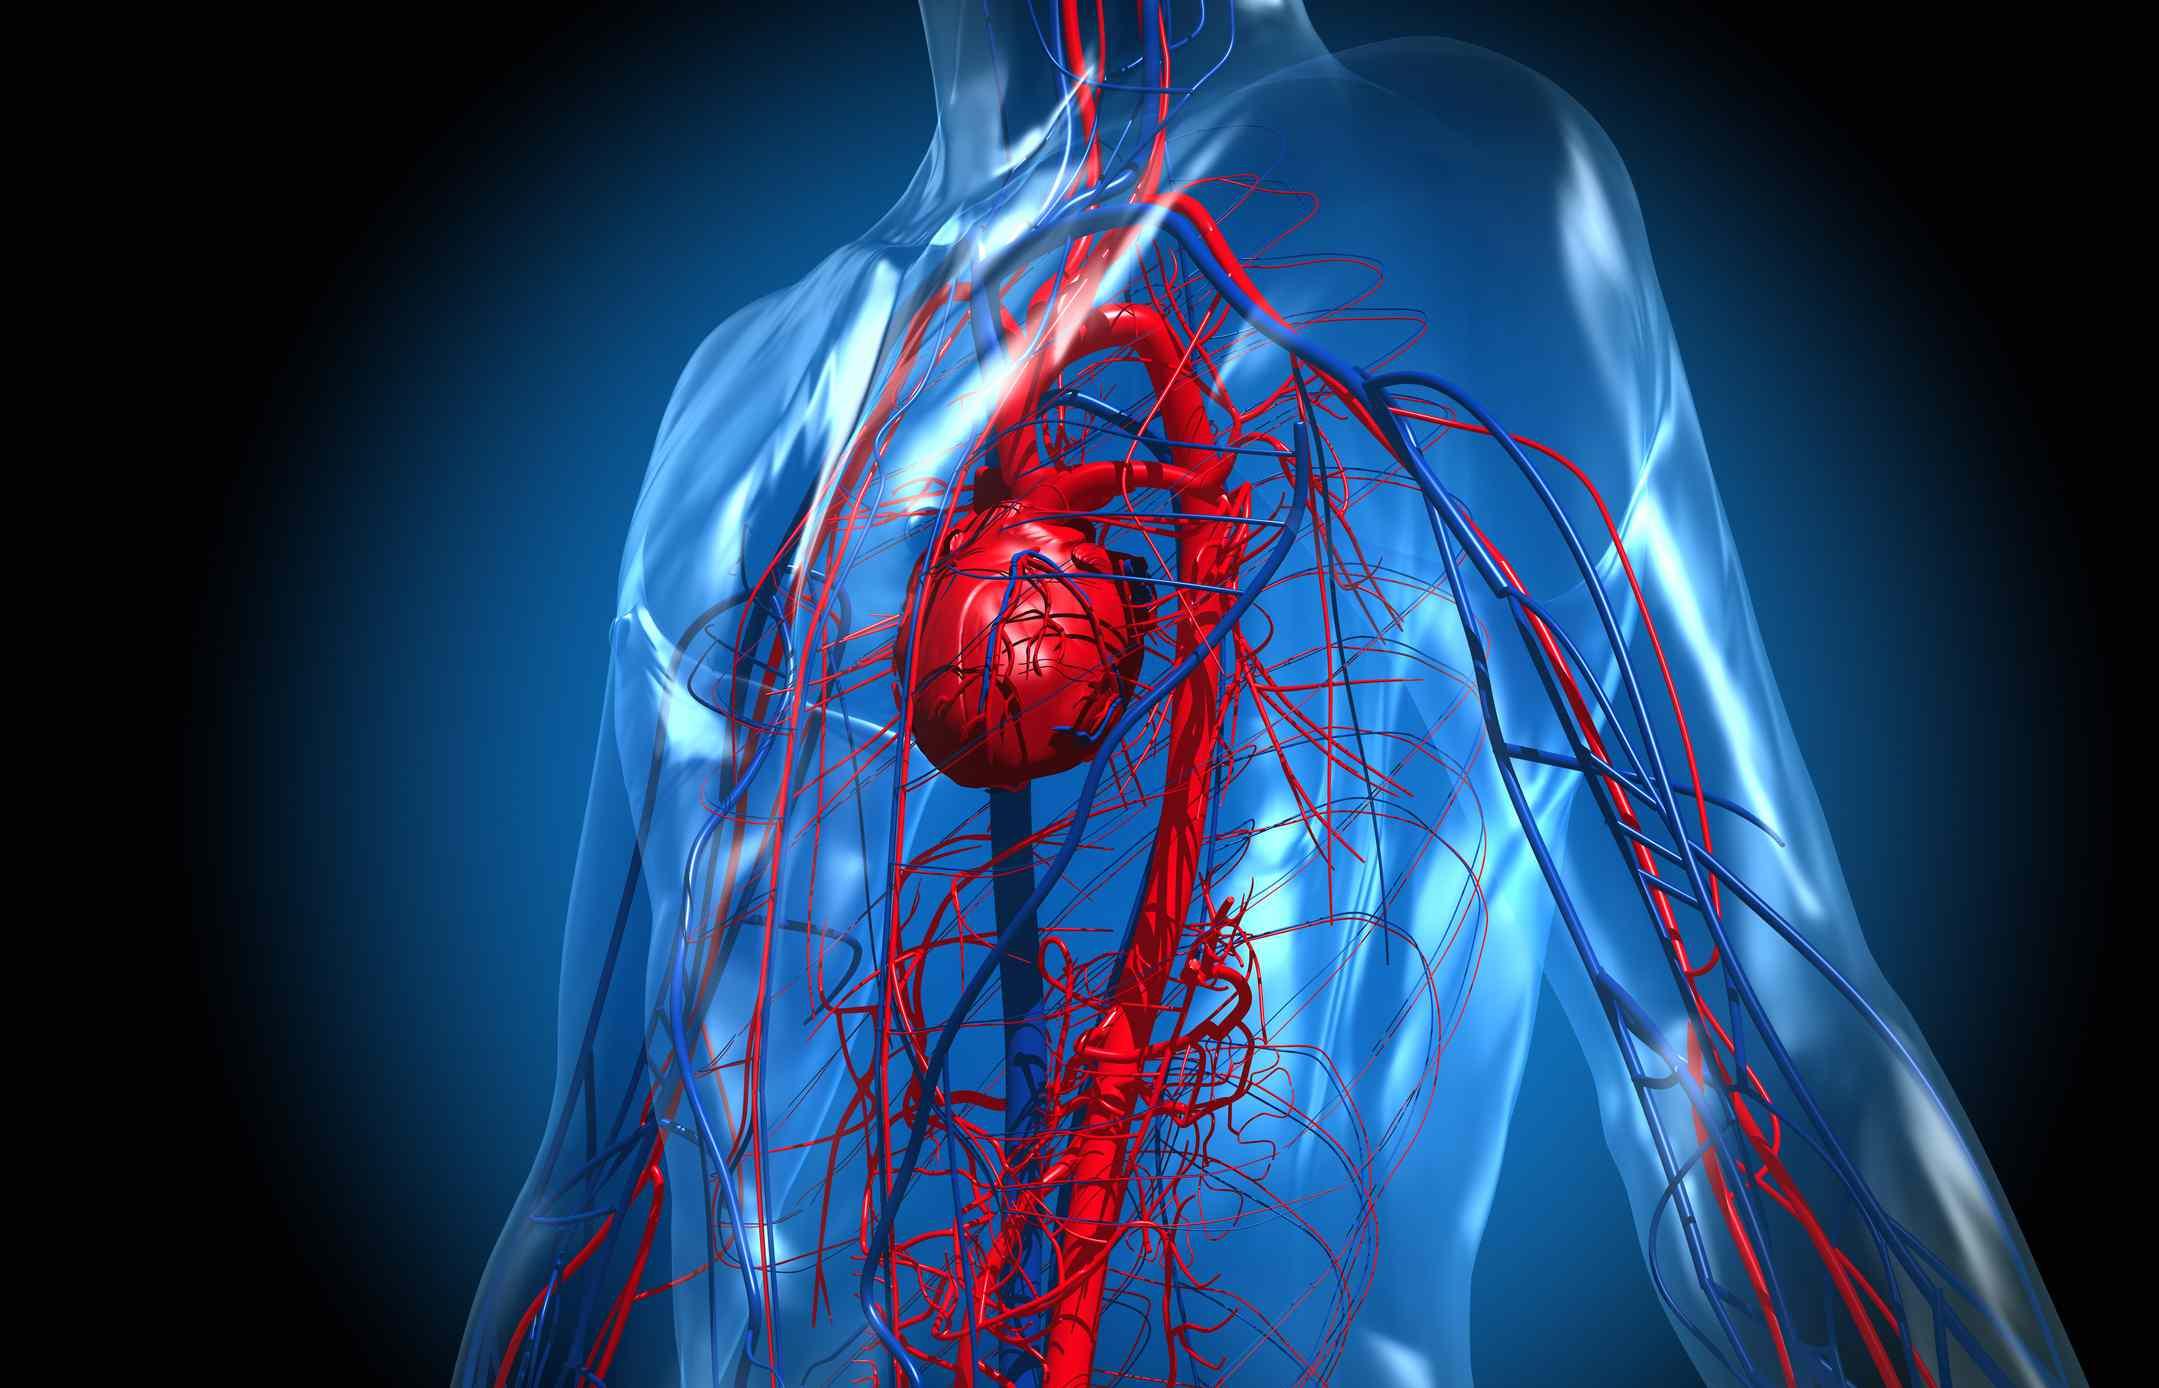 محل دقیق قلب انسان کجاست؟